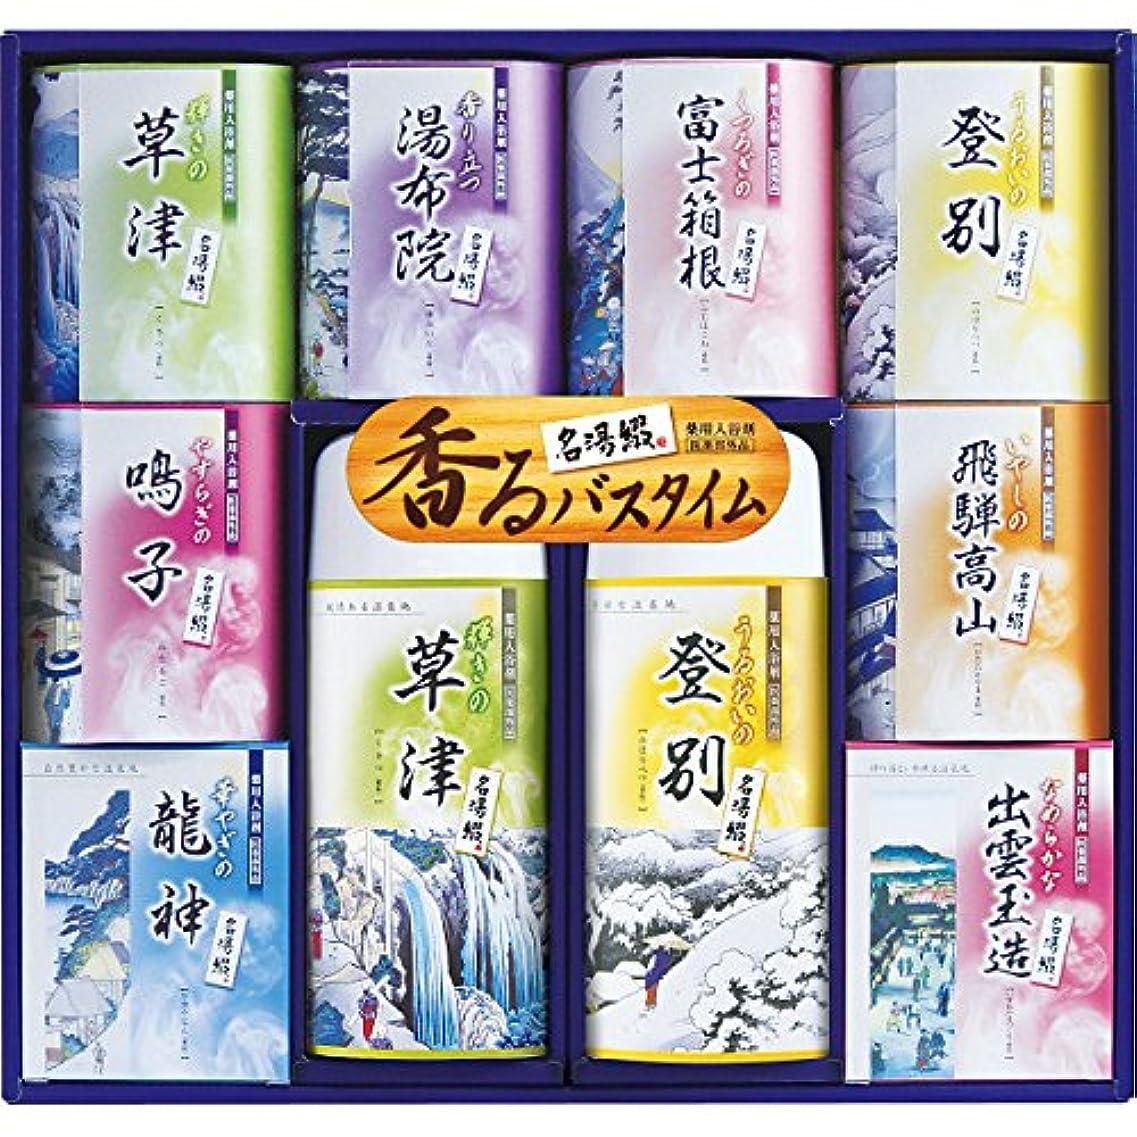 ゼロ永久類似性敬老の日 贈り物 名湯綴入浴剤セット(SD)